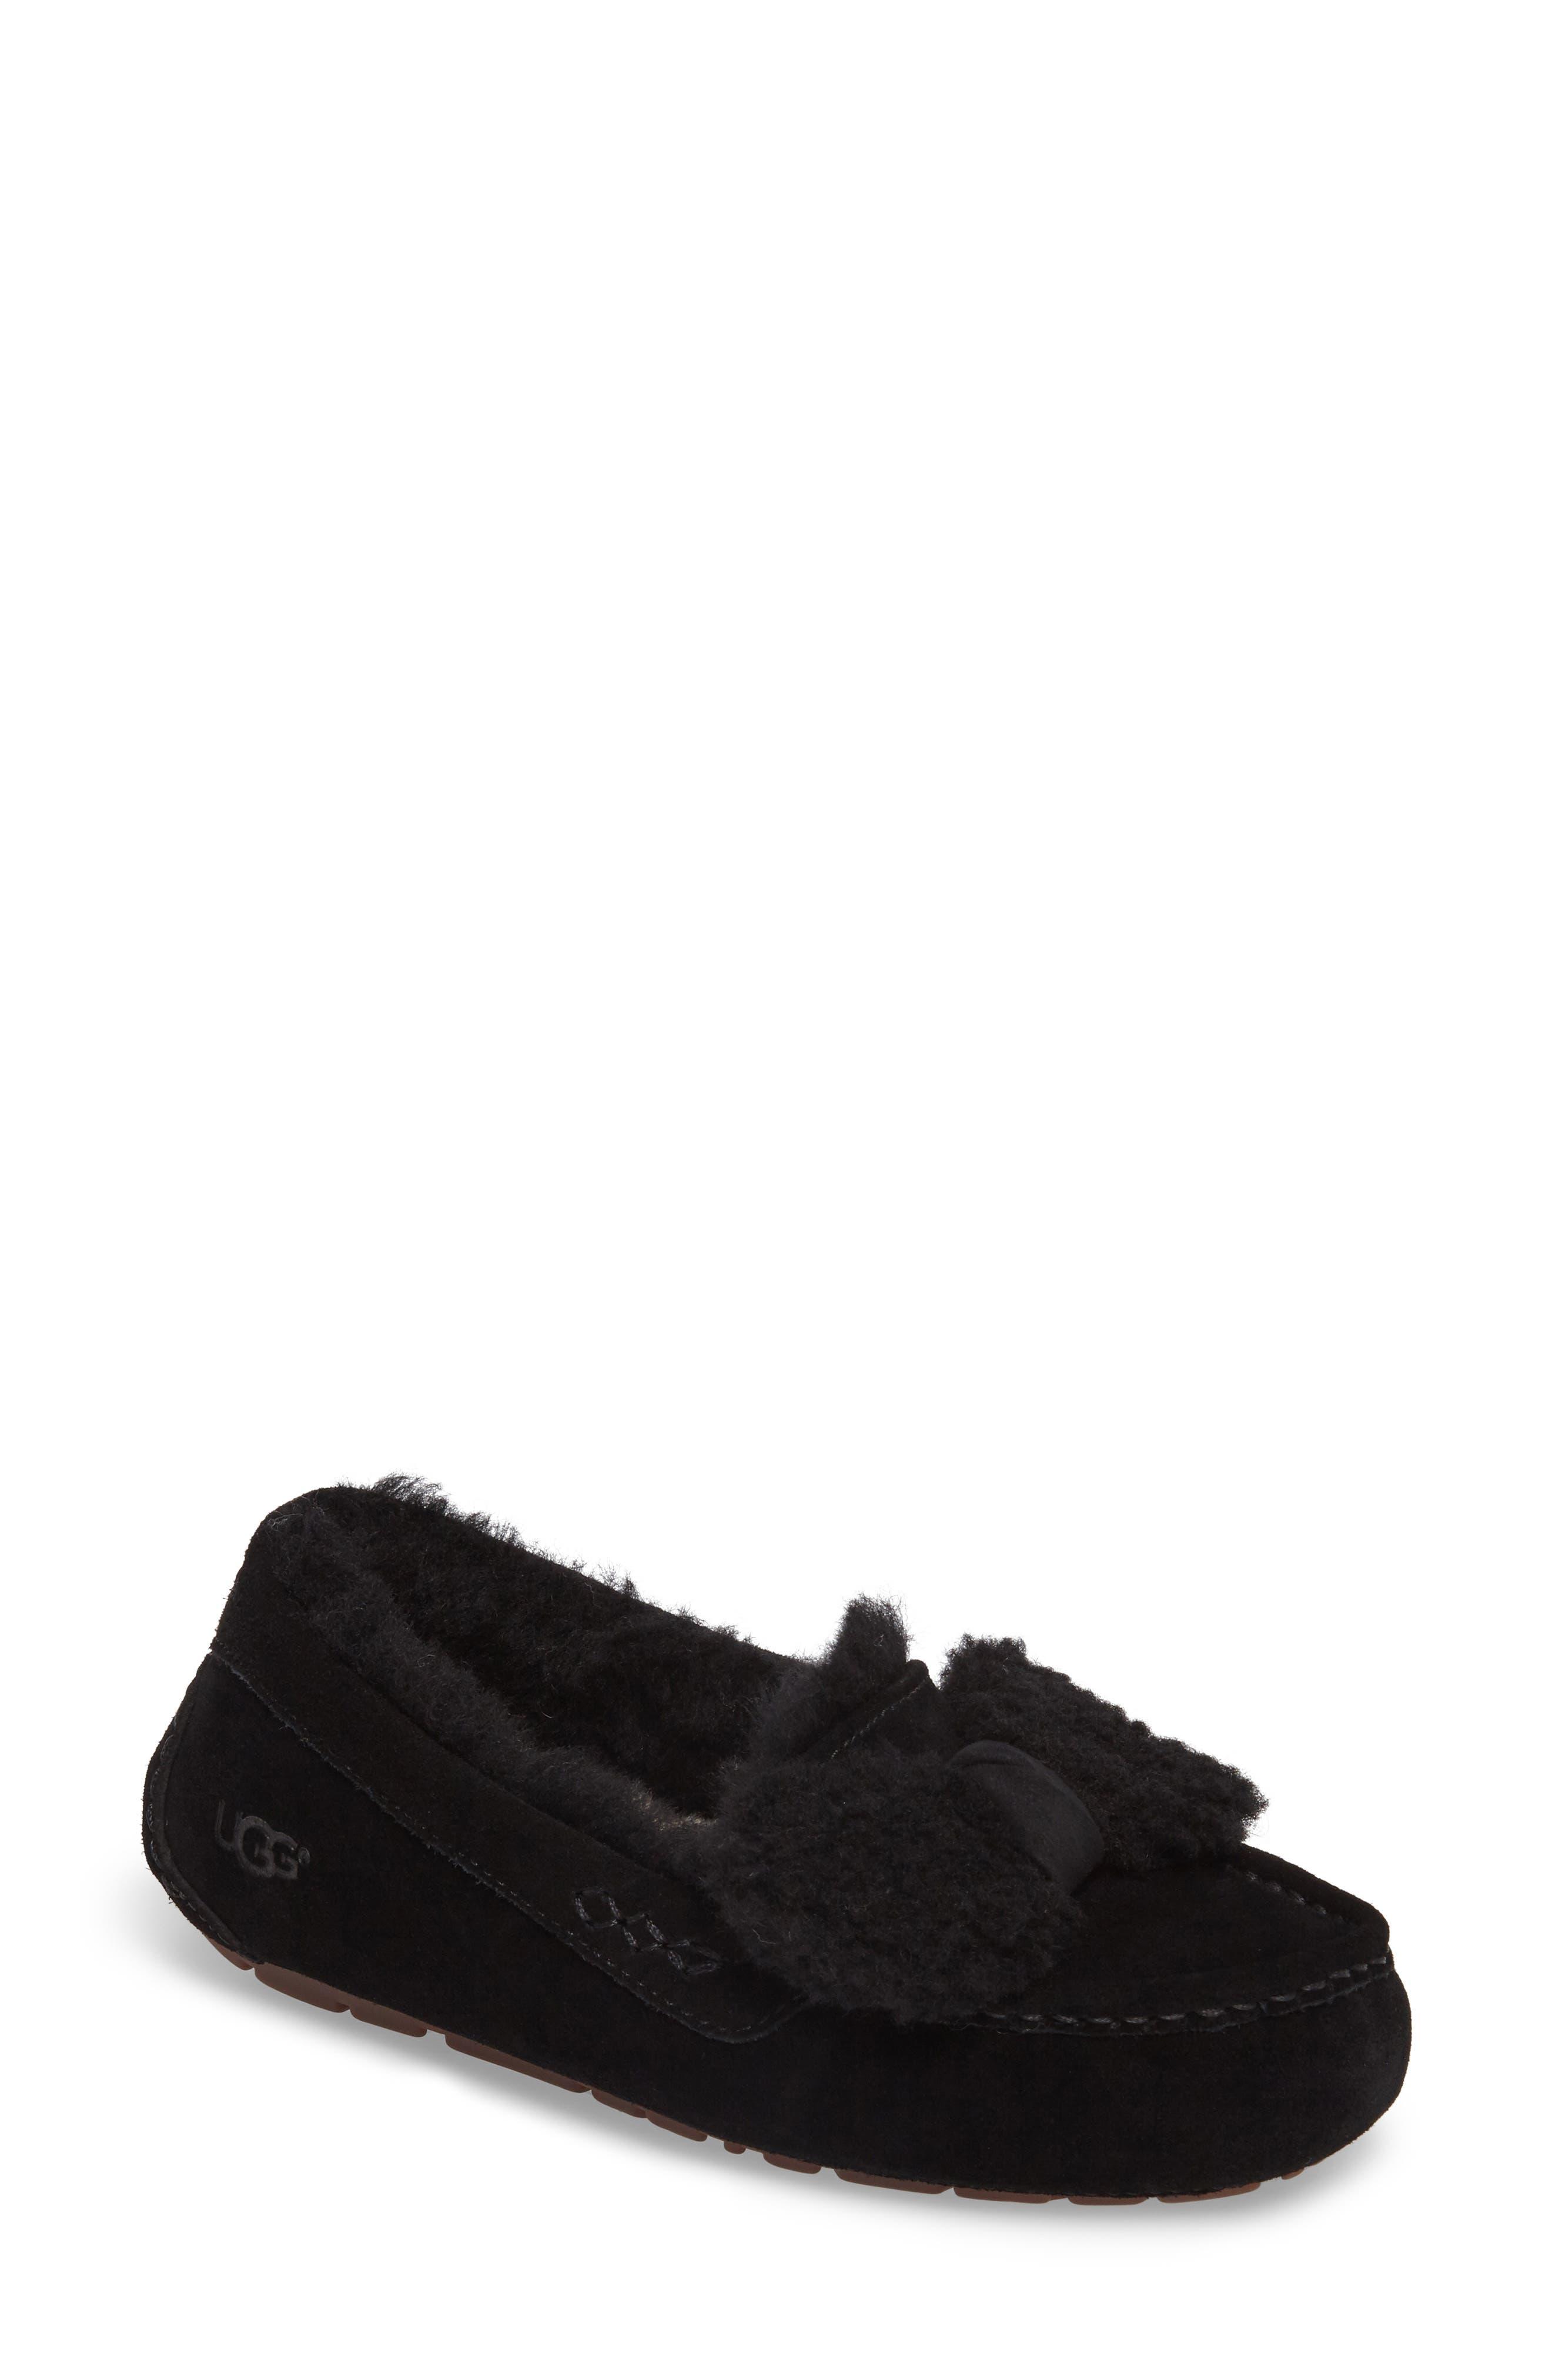 Main Image - UGG® Ansley Bow Slipper